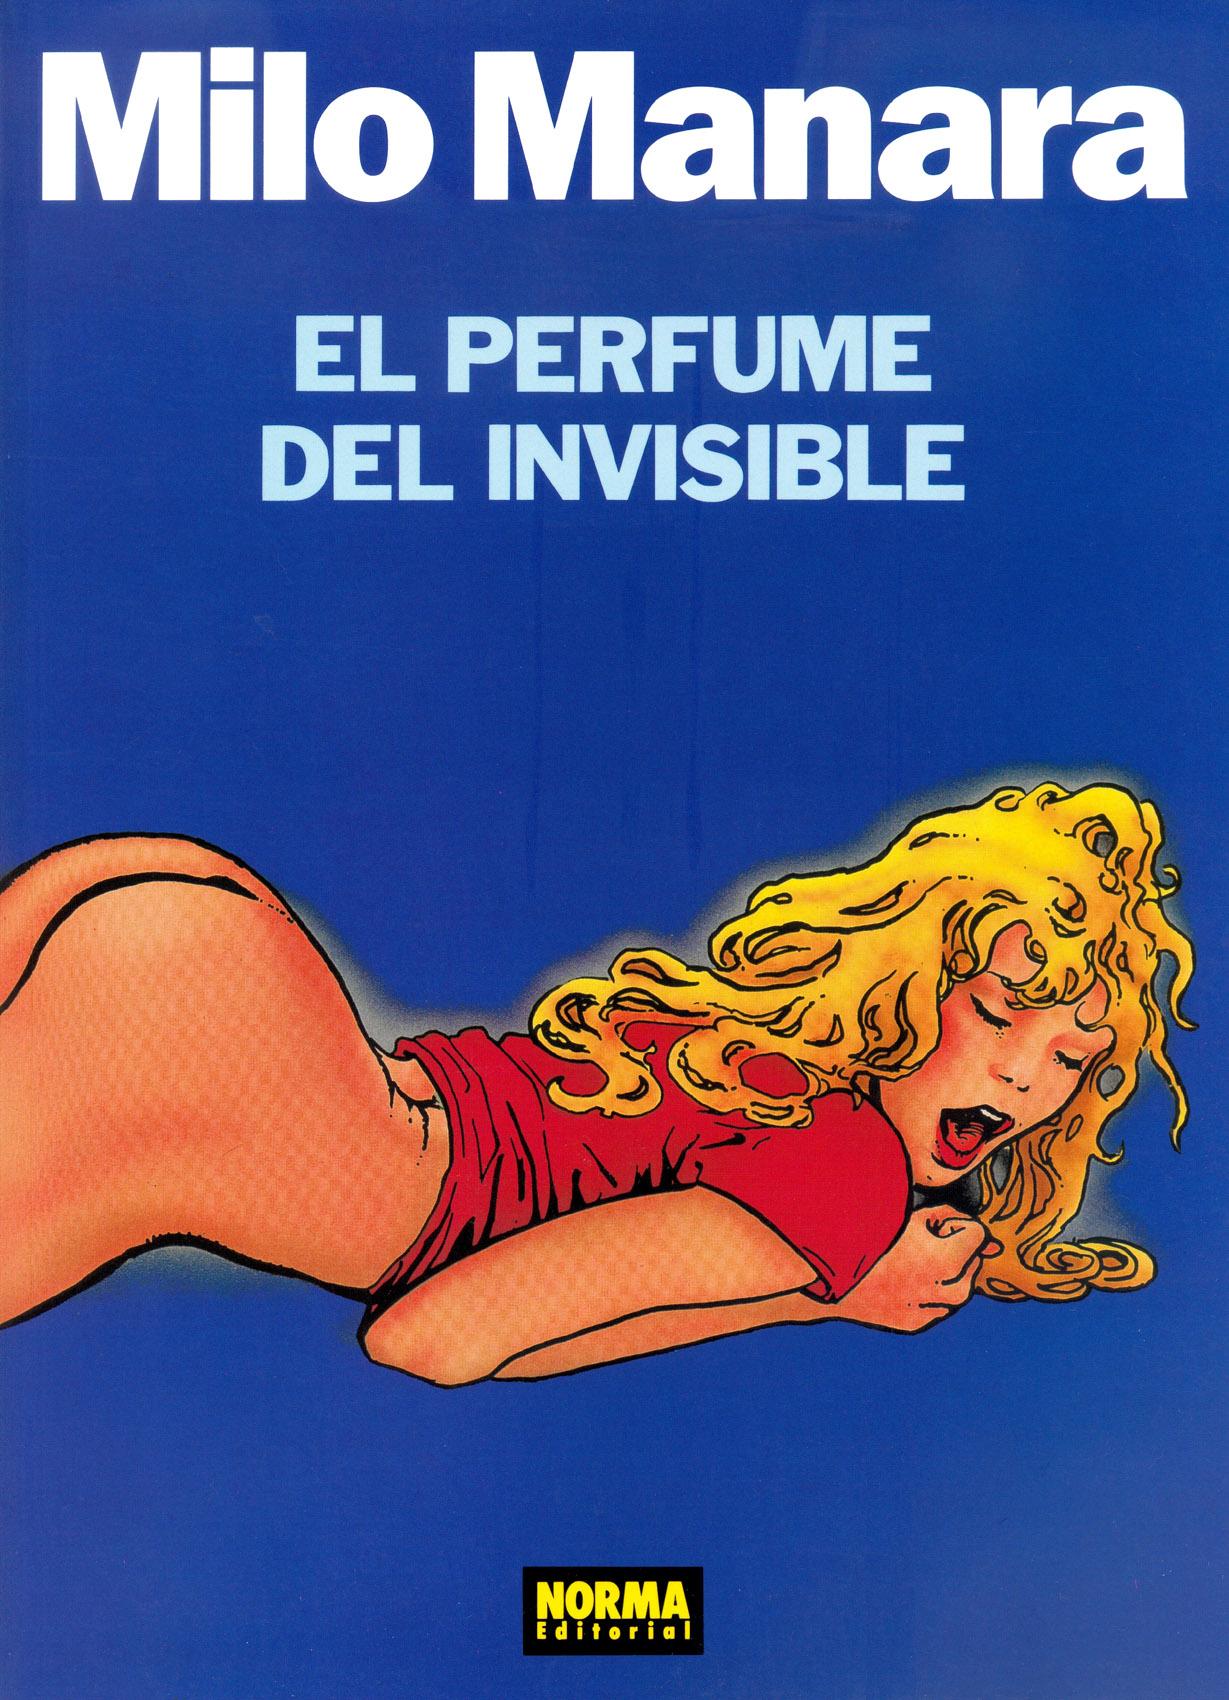 milo manara El Perfume de lo Invisible